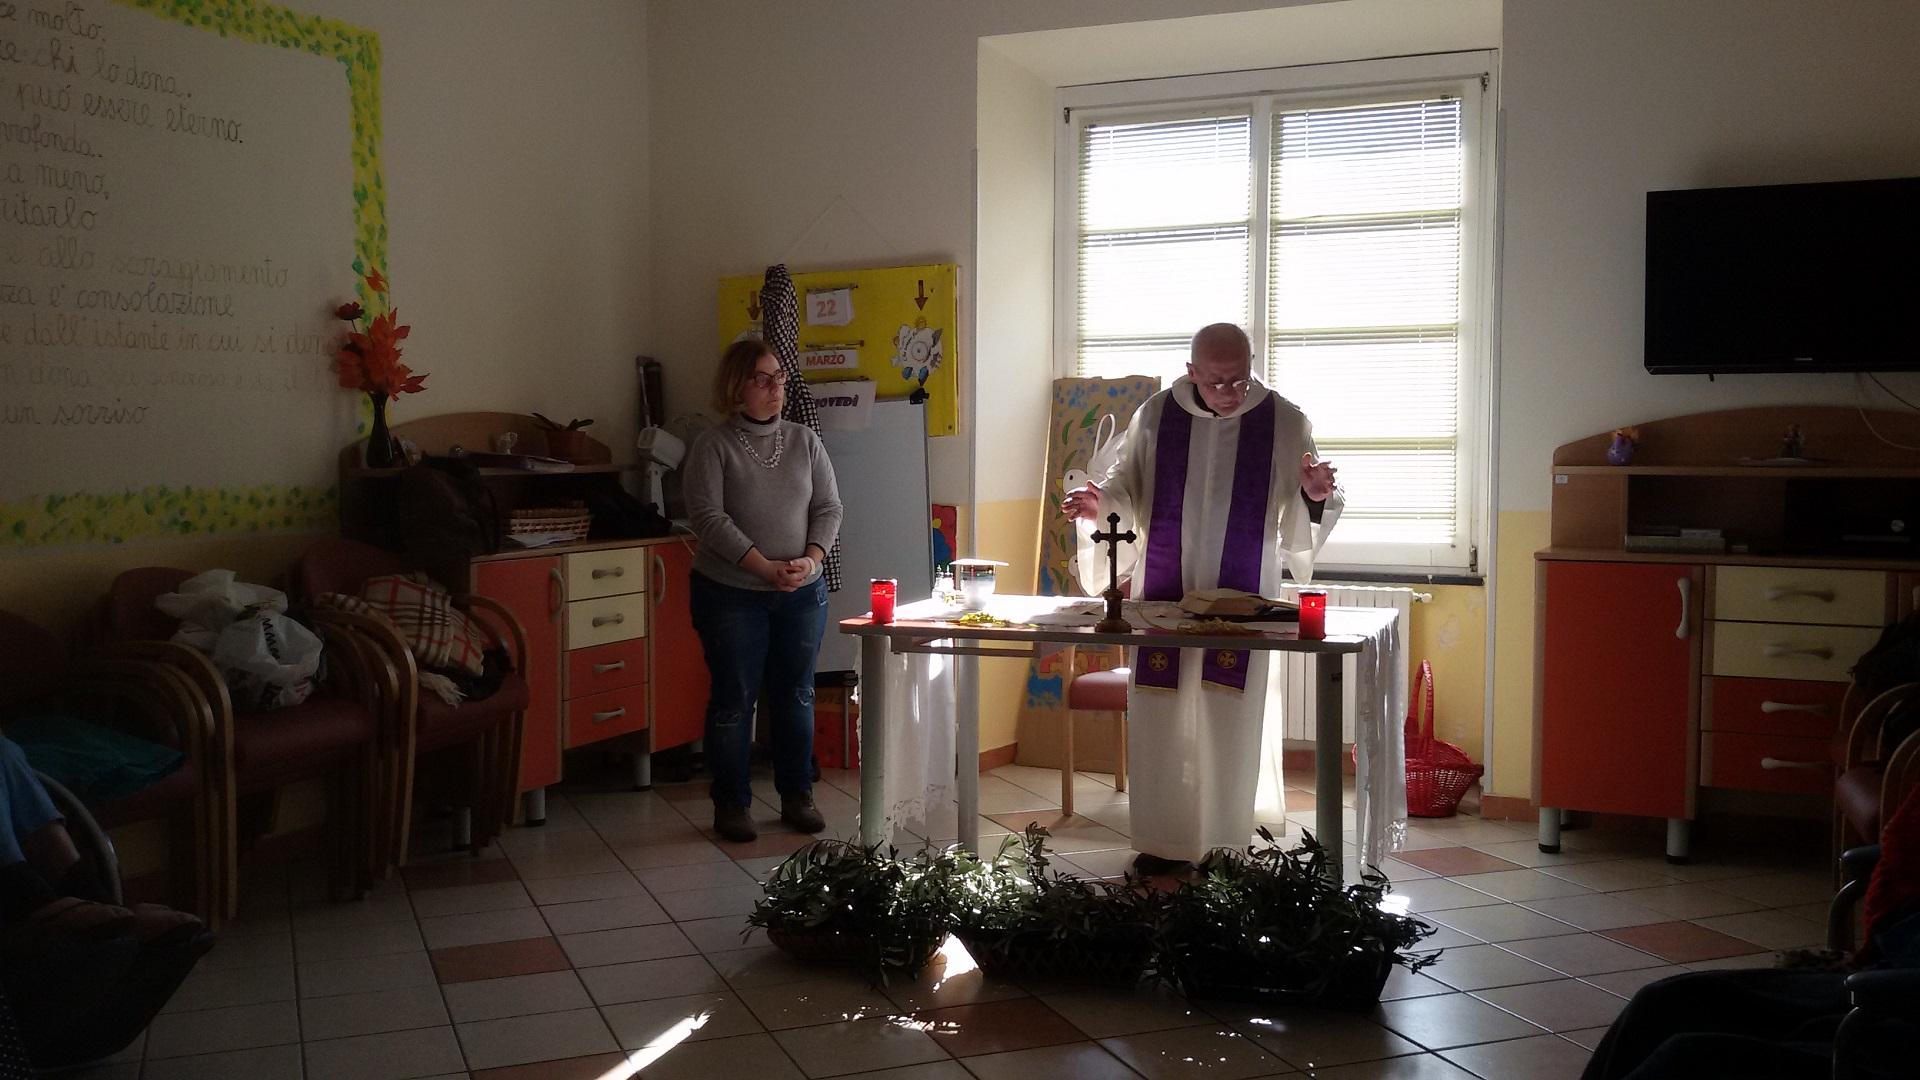 Messa di Pasqua Residenza Sanitaria Assistenziale Santuario - Opere Sociali Servizi Savona